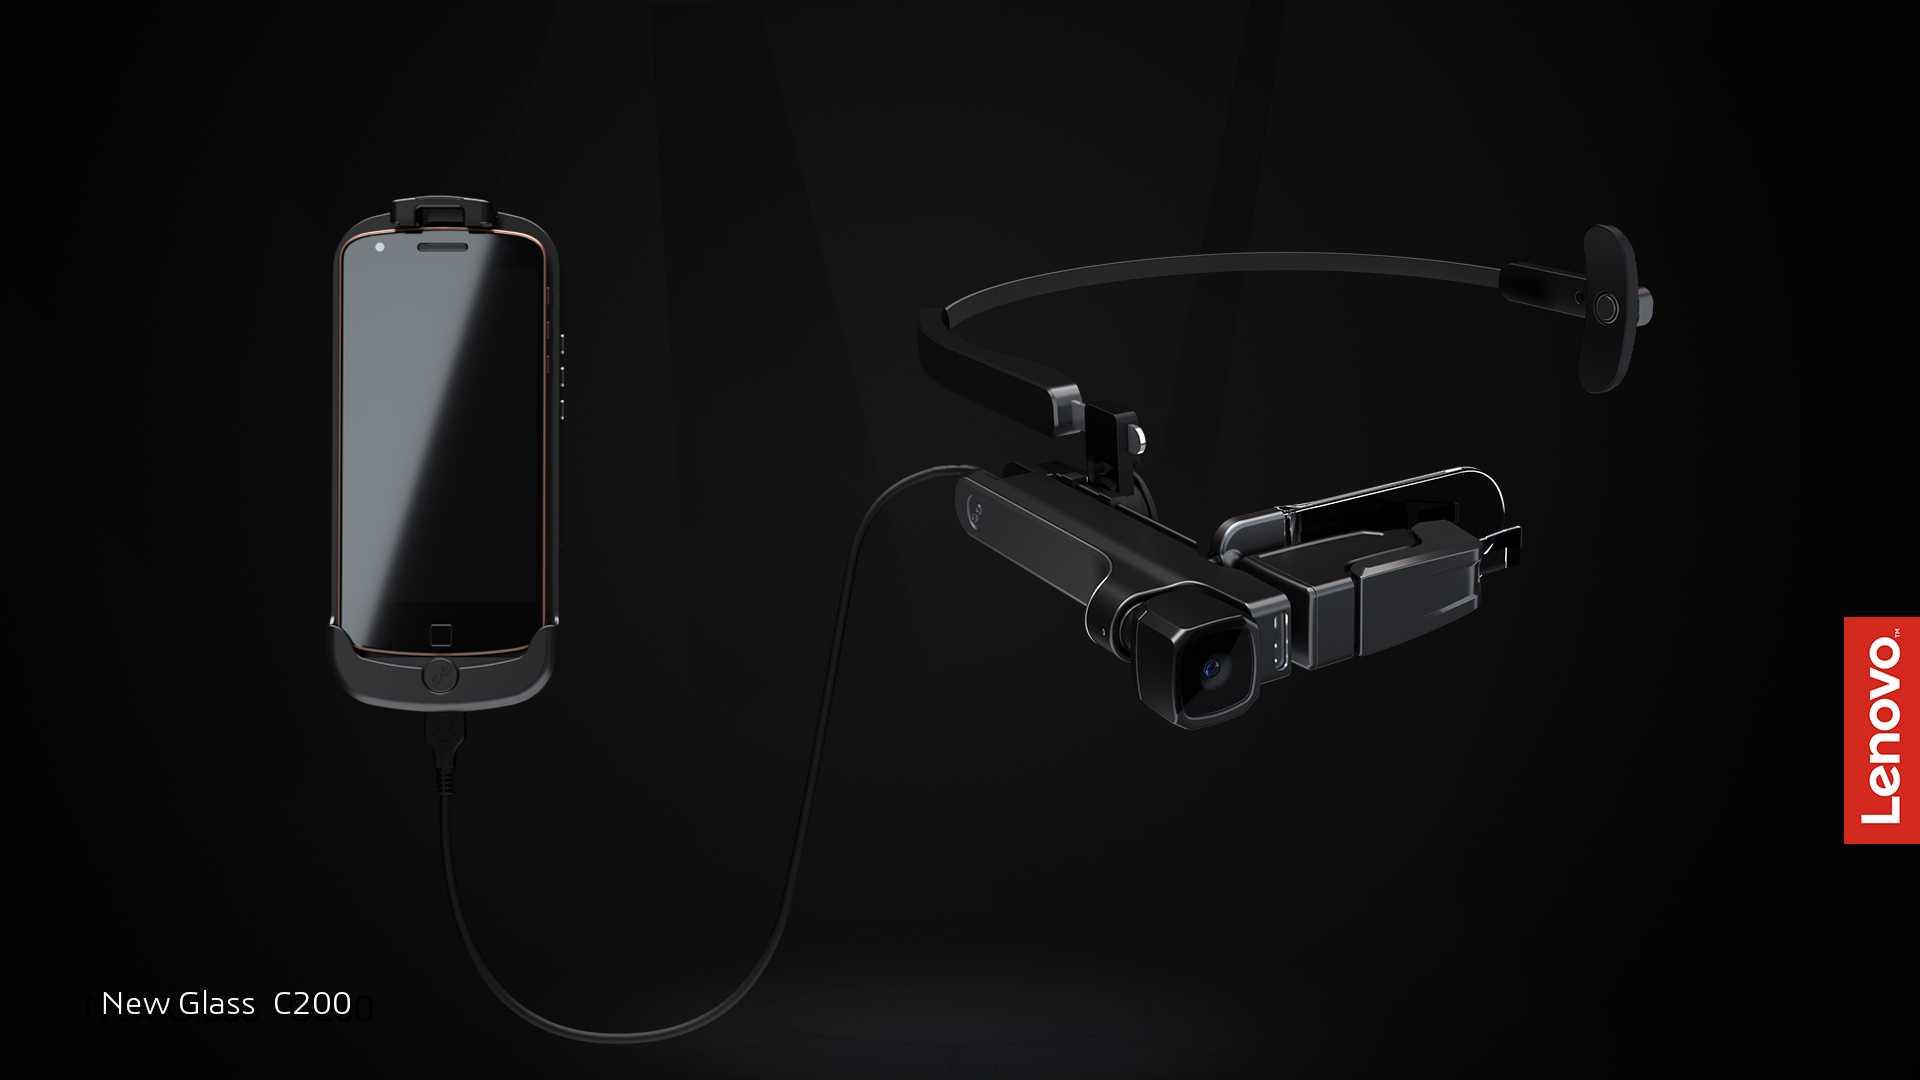 Bu VR Gözlüğü 'Yeni': Lenovo New Glass C200